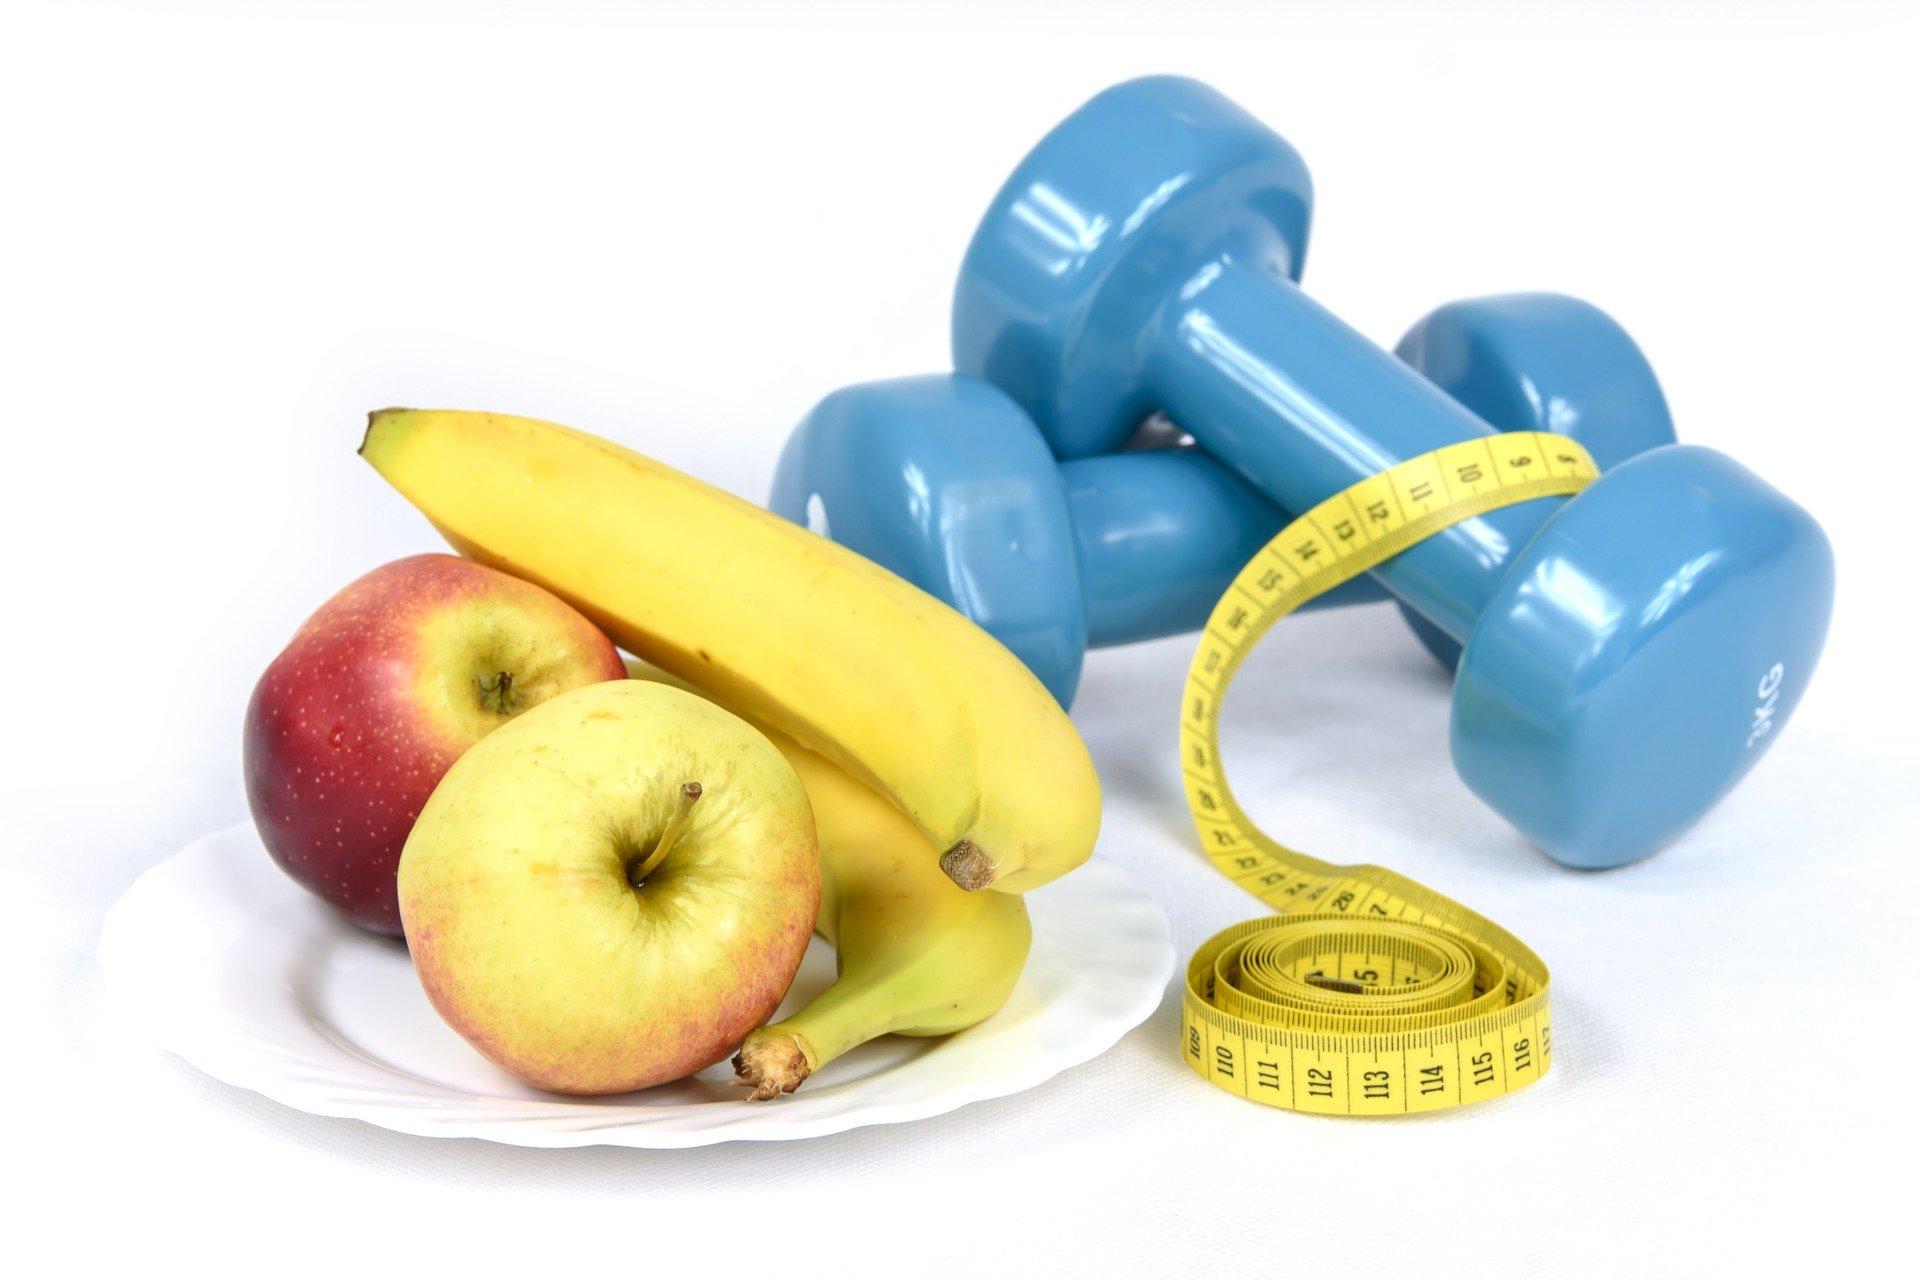 Wege dla sportowca – co na obiad jedzą sportowcy-weganie?